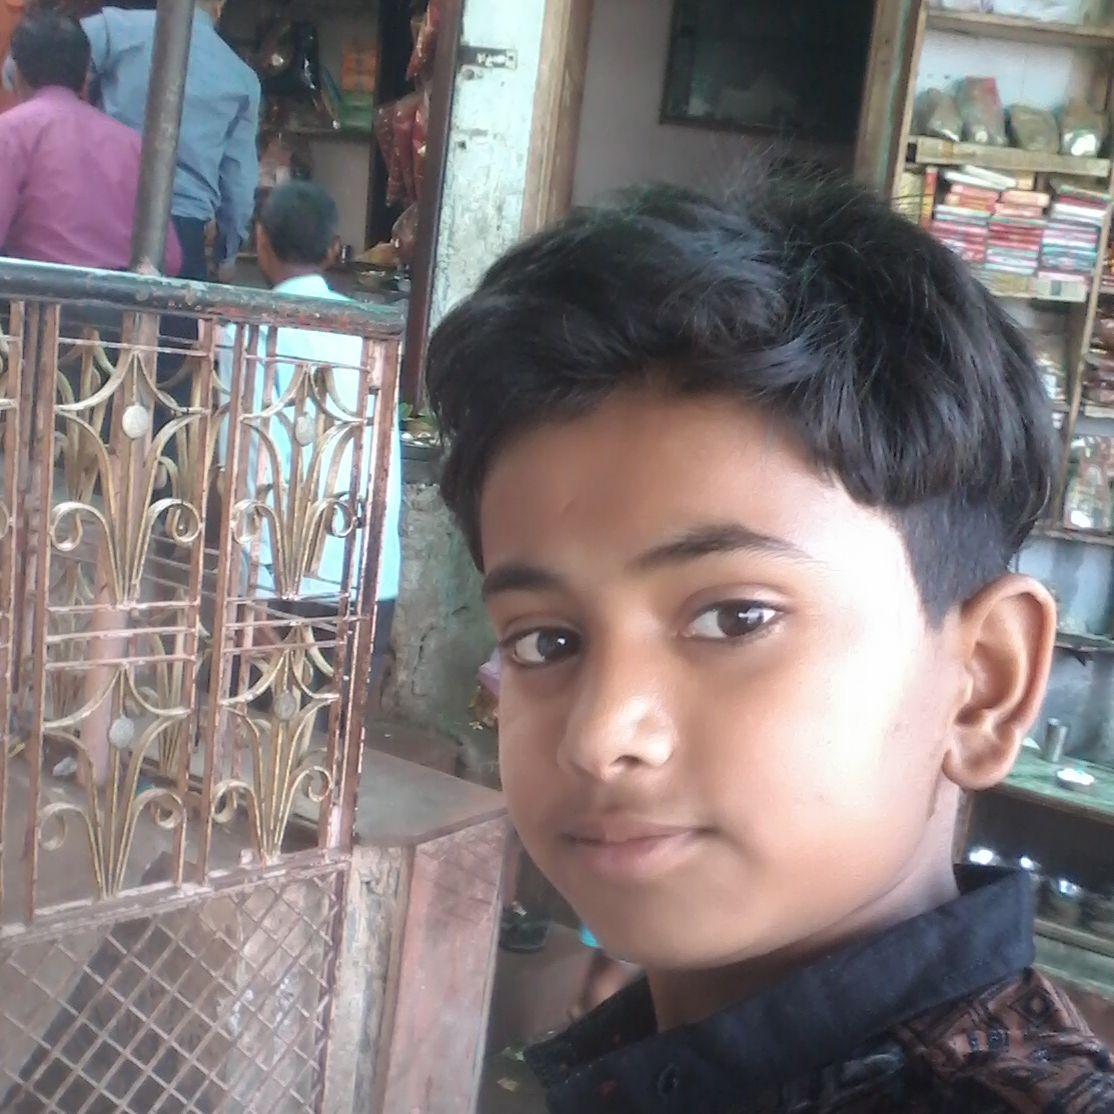 Priyanshu Kumar Awasthi